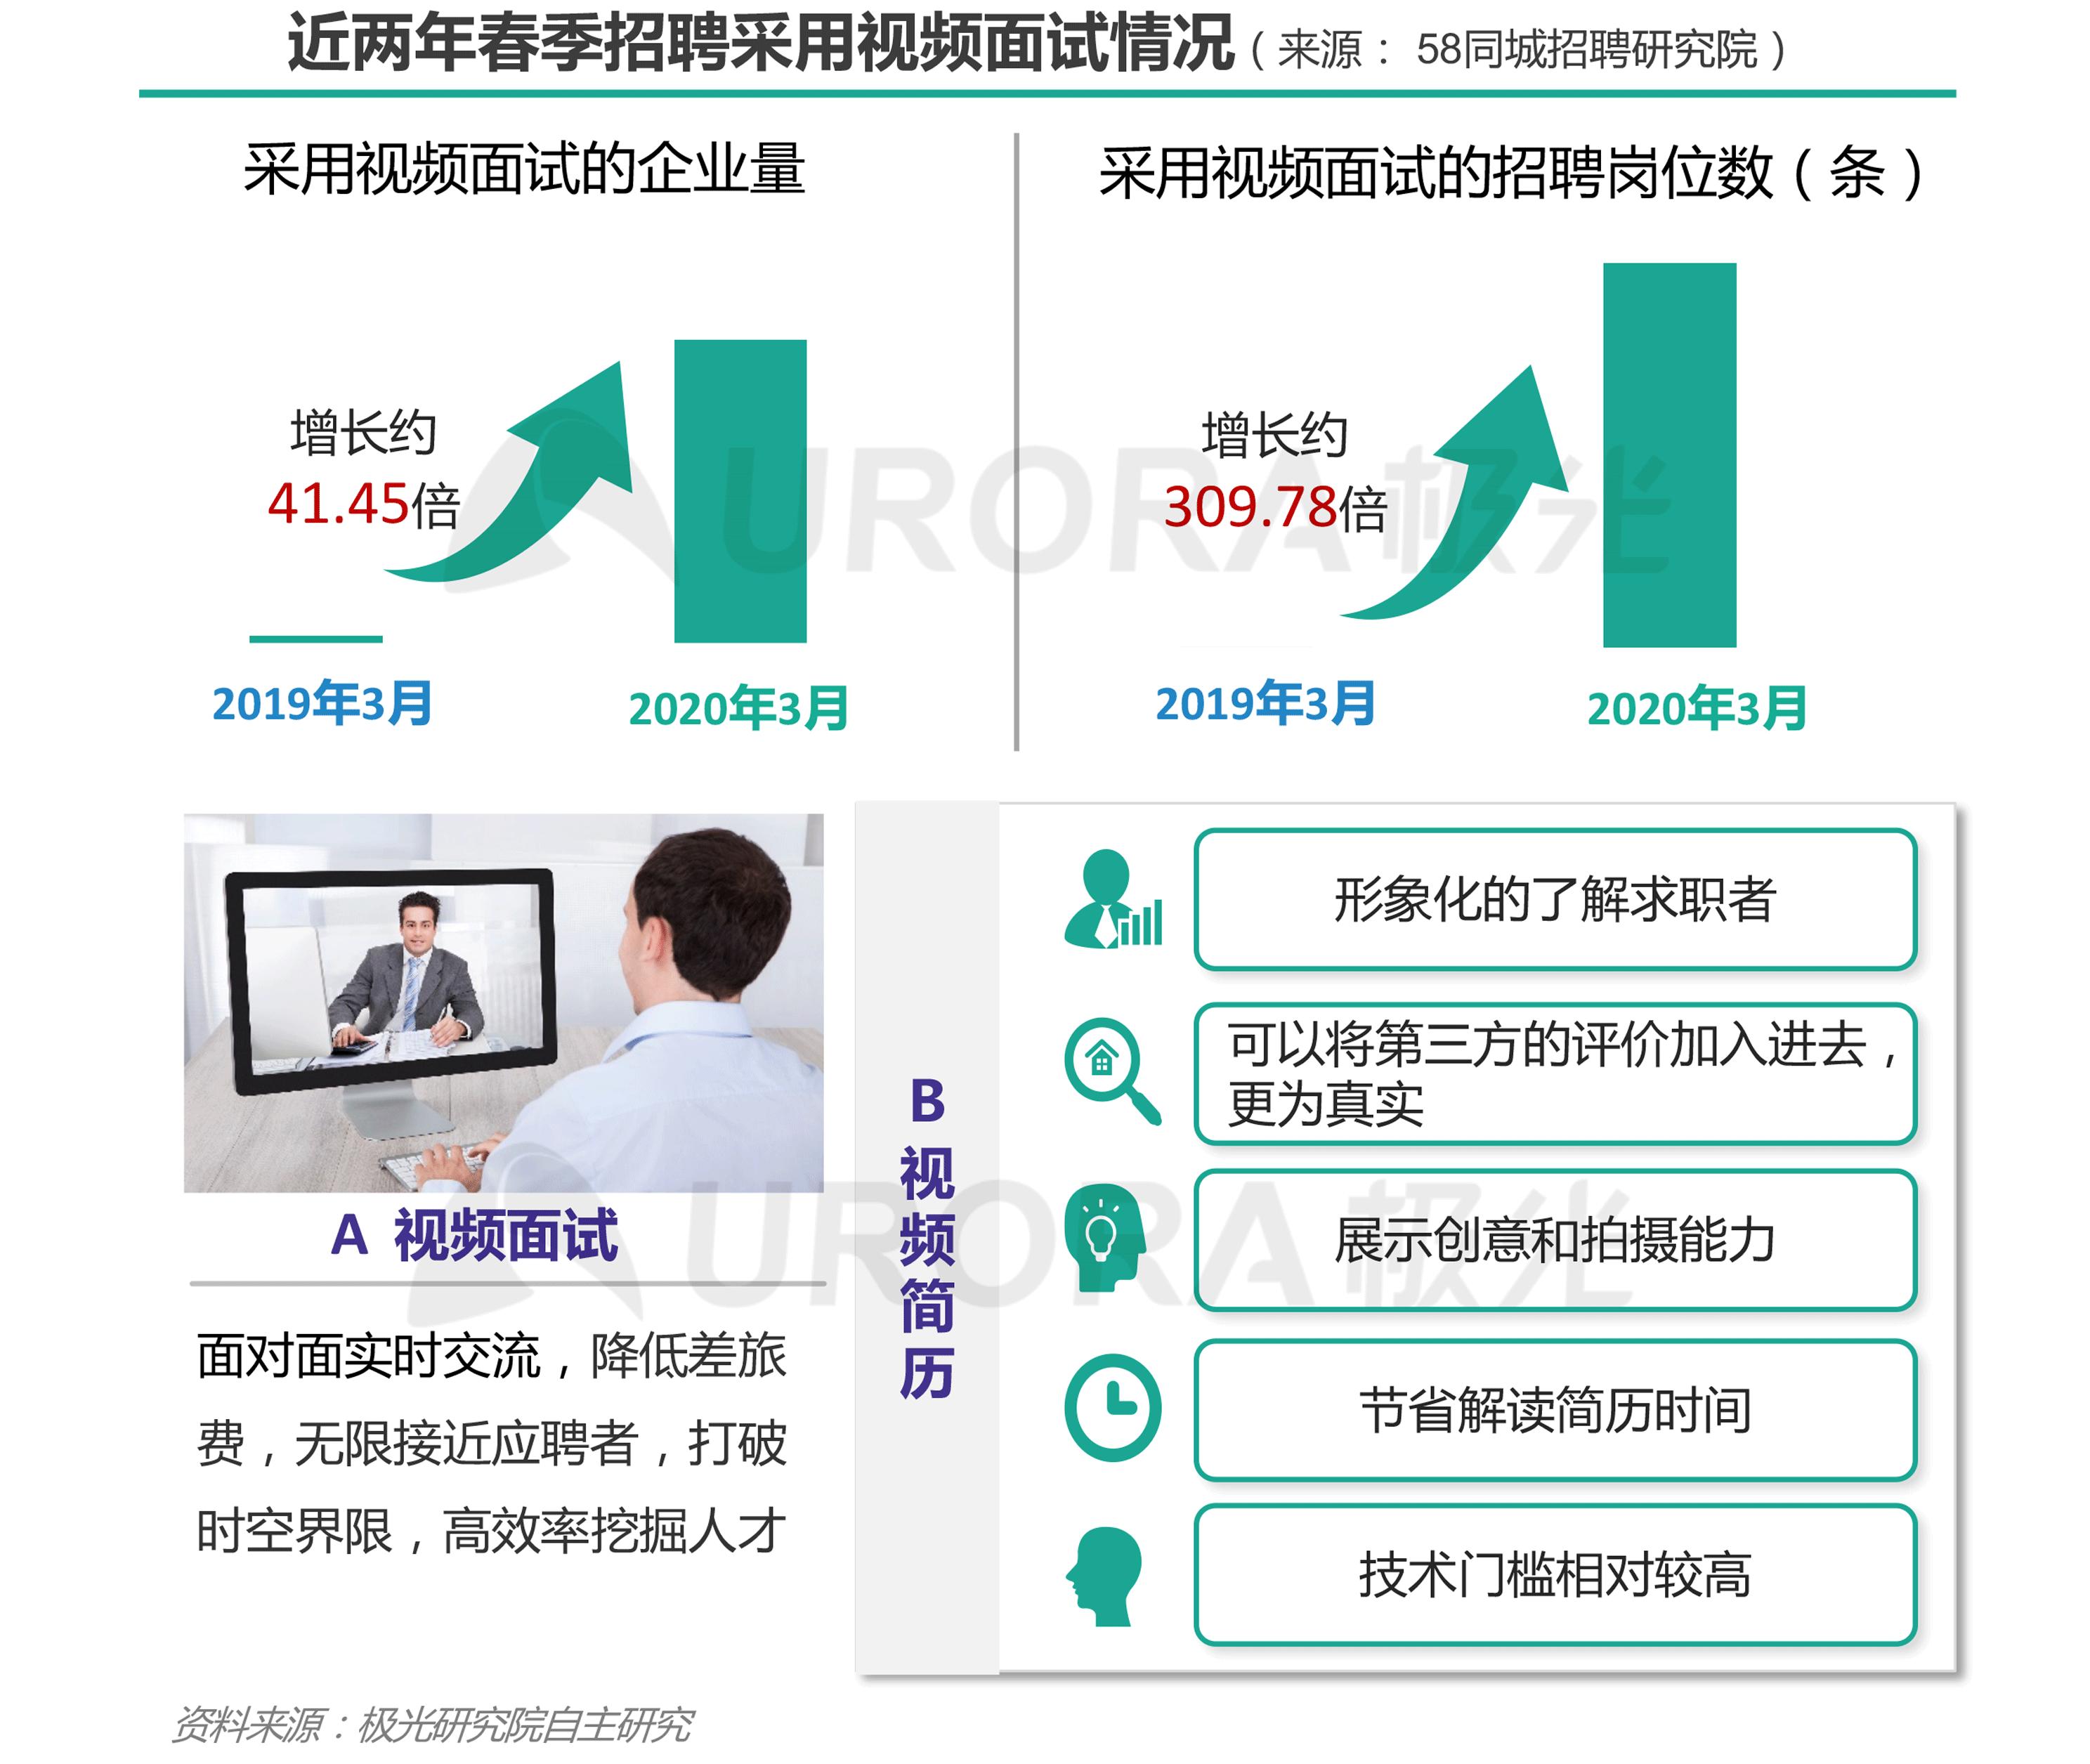 """""""超职季""""招聘行业报告-汇总版 (18).png"""